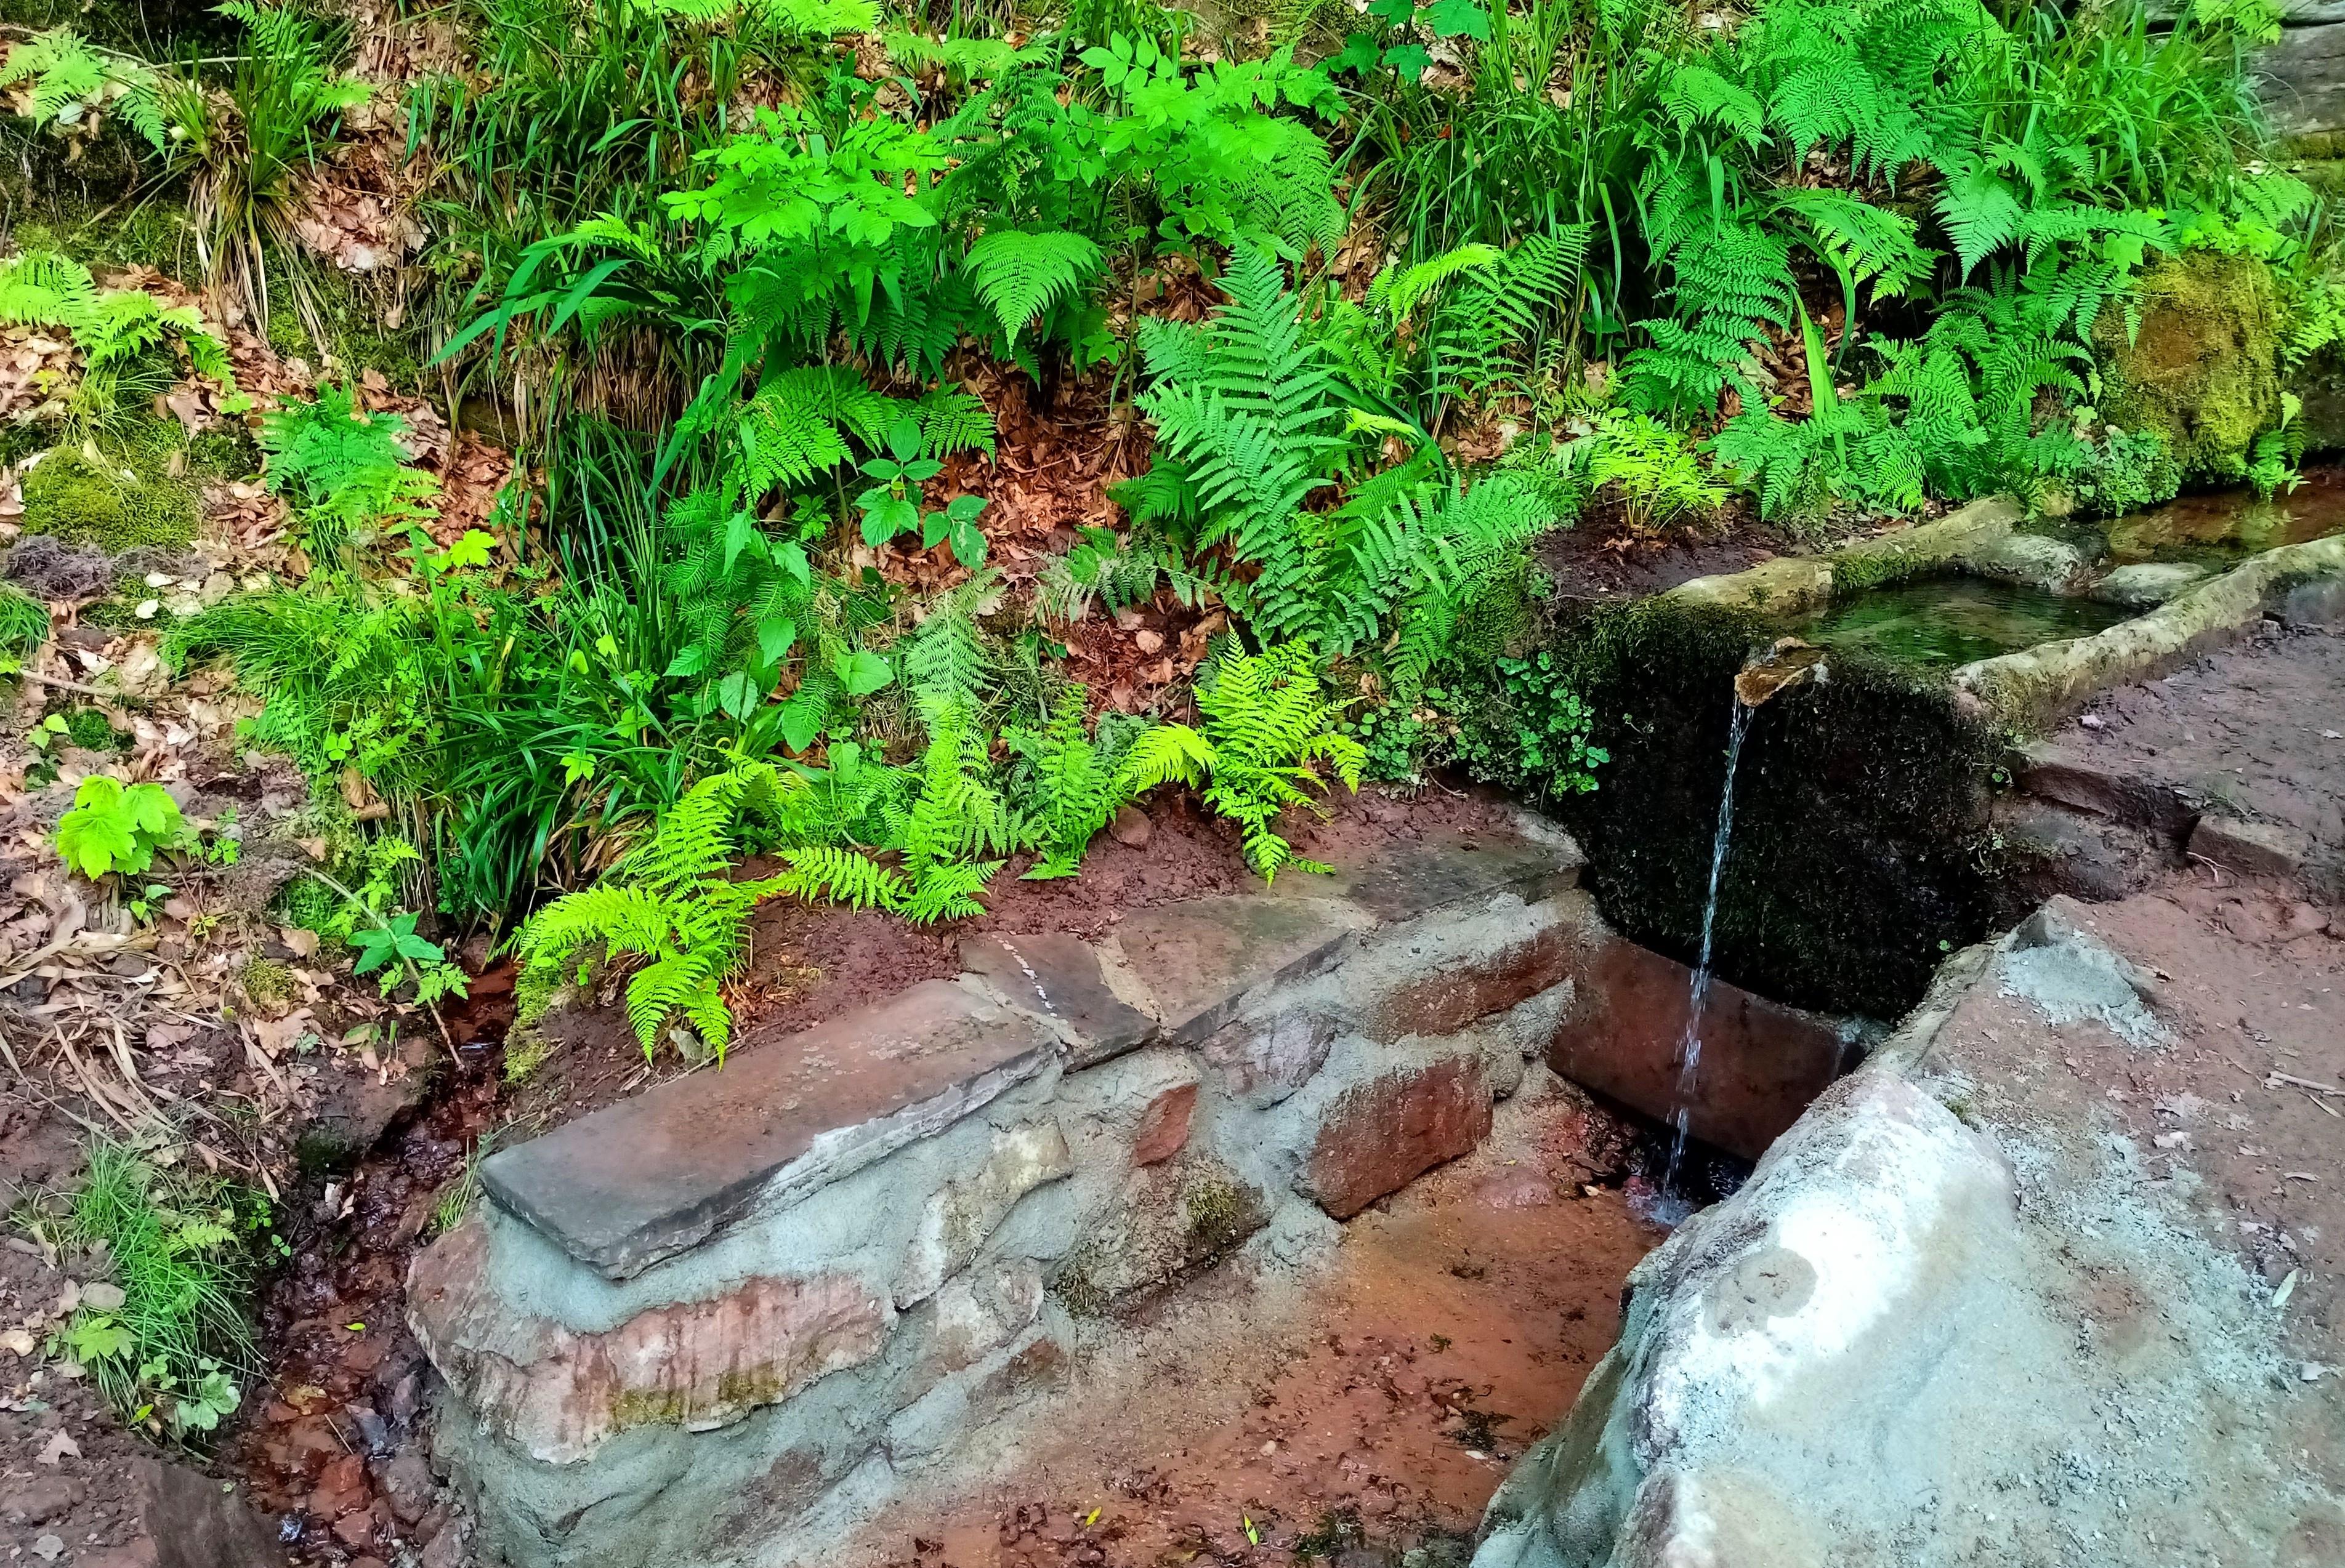 Fontaine melusine